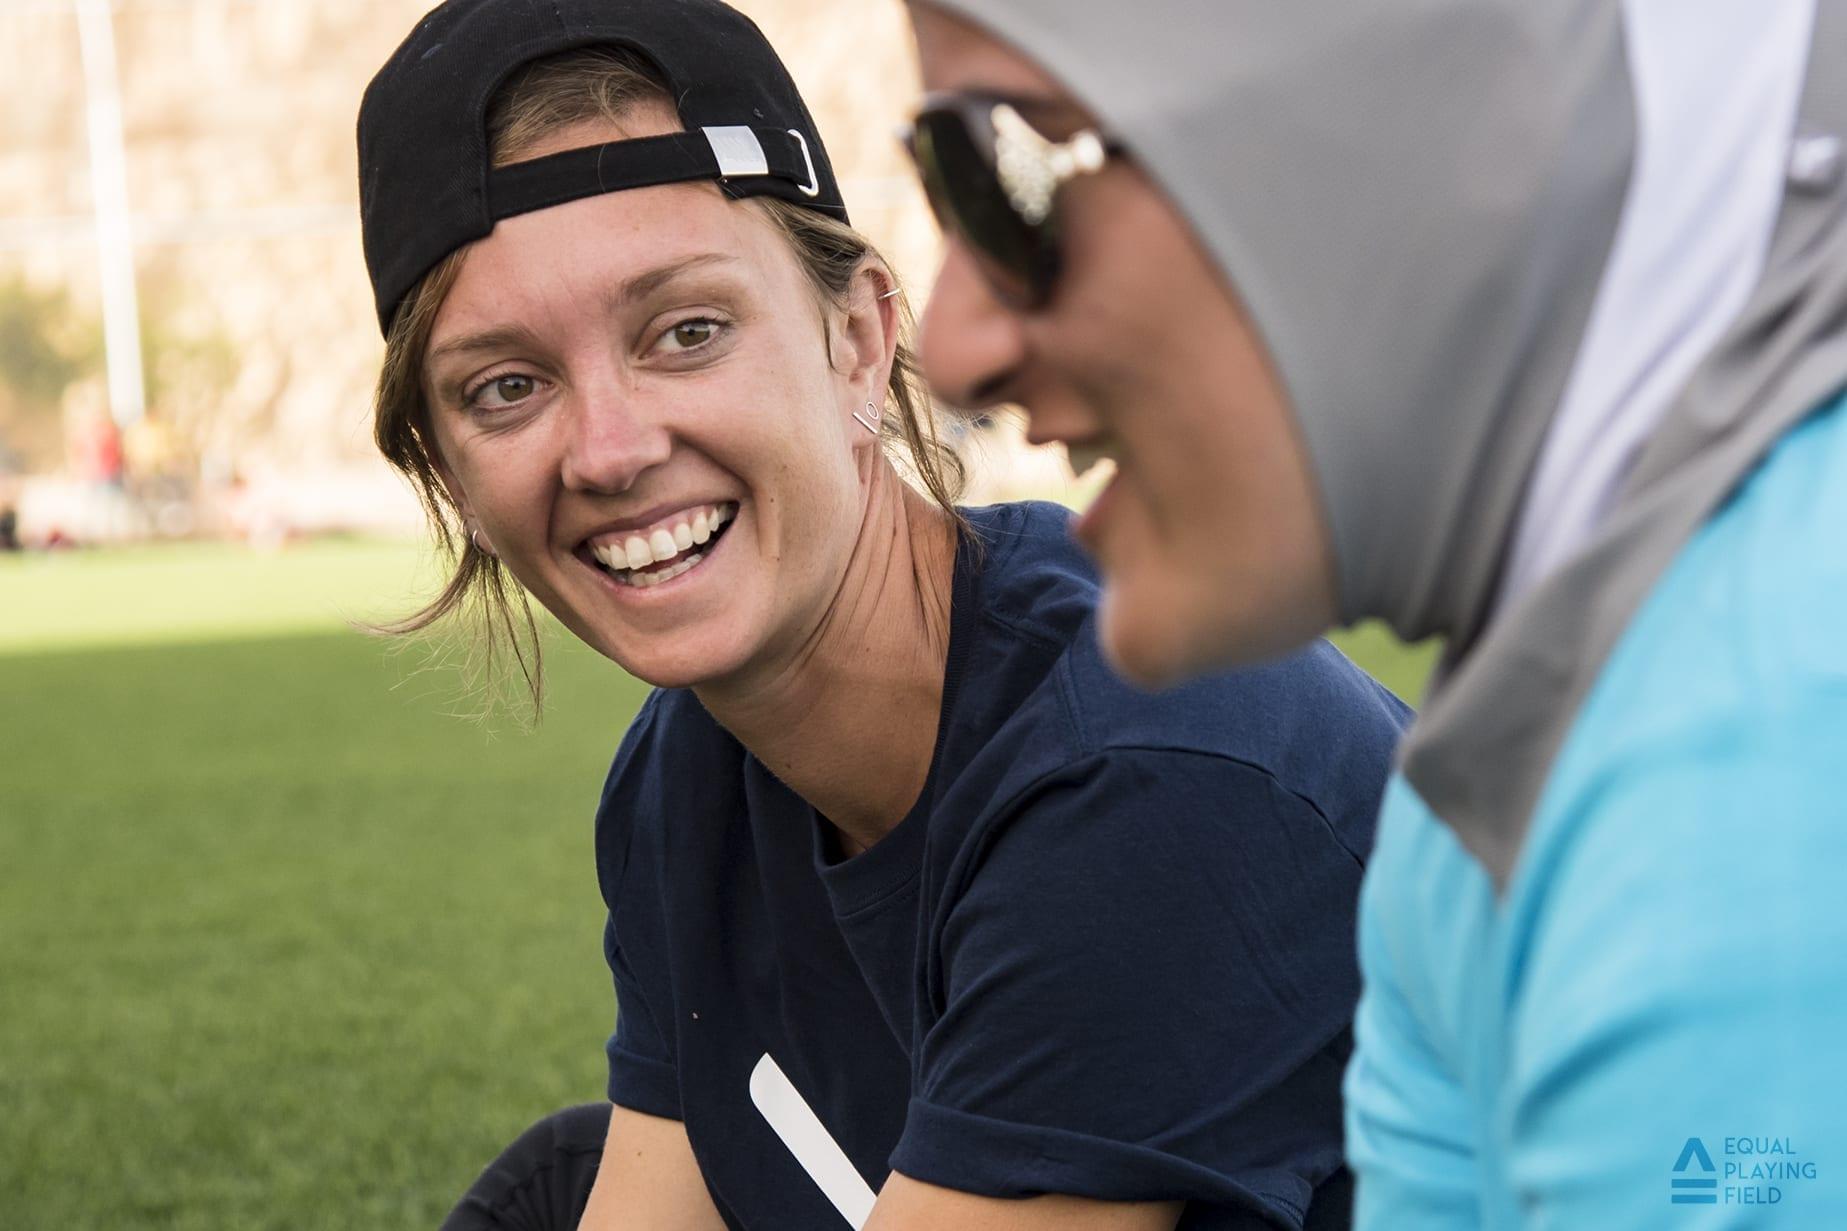 Laura Youngson in Jordan